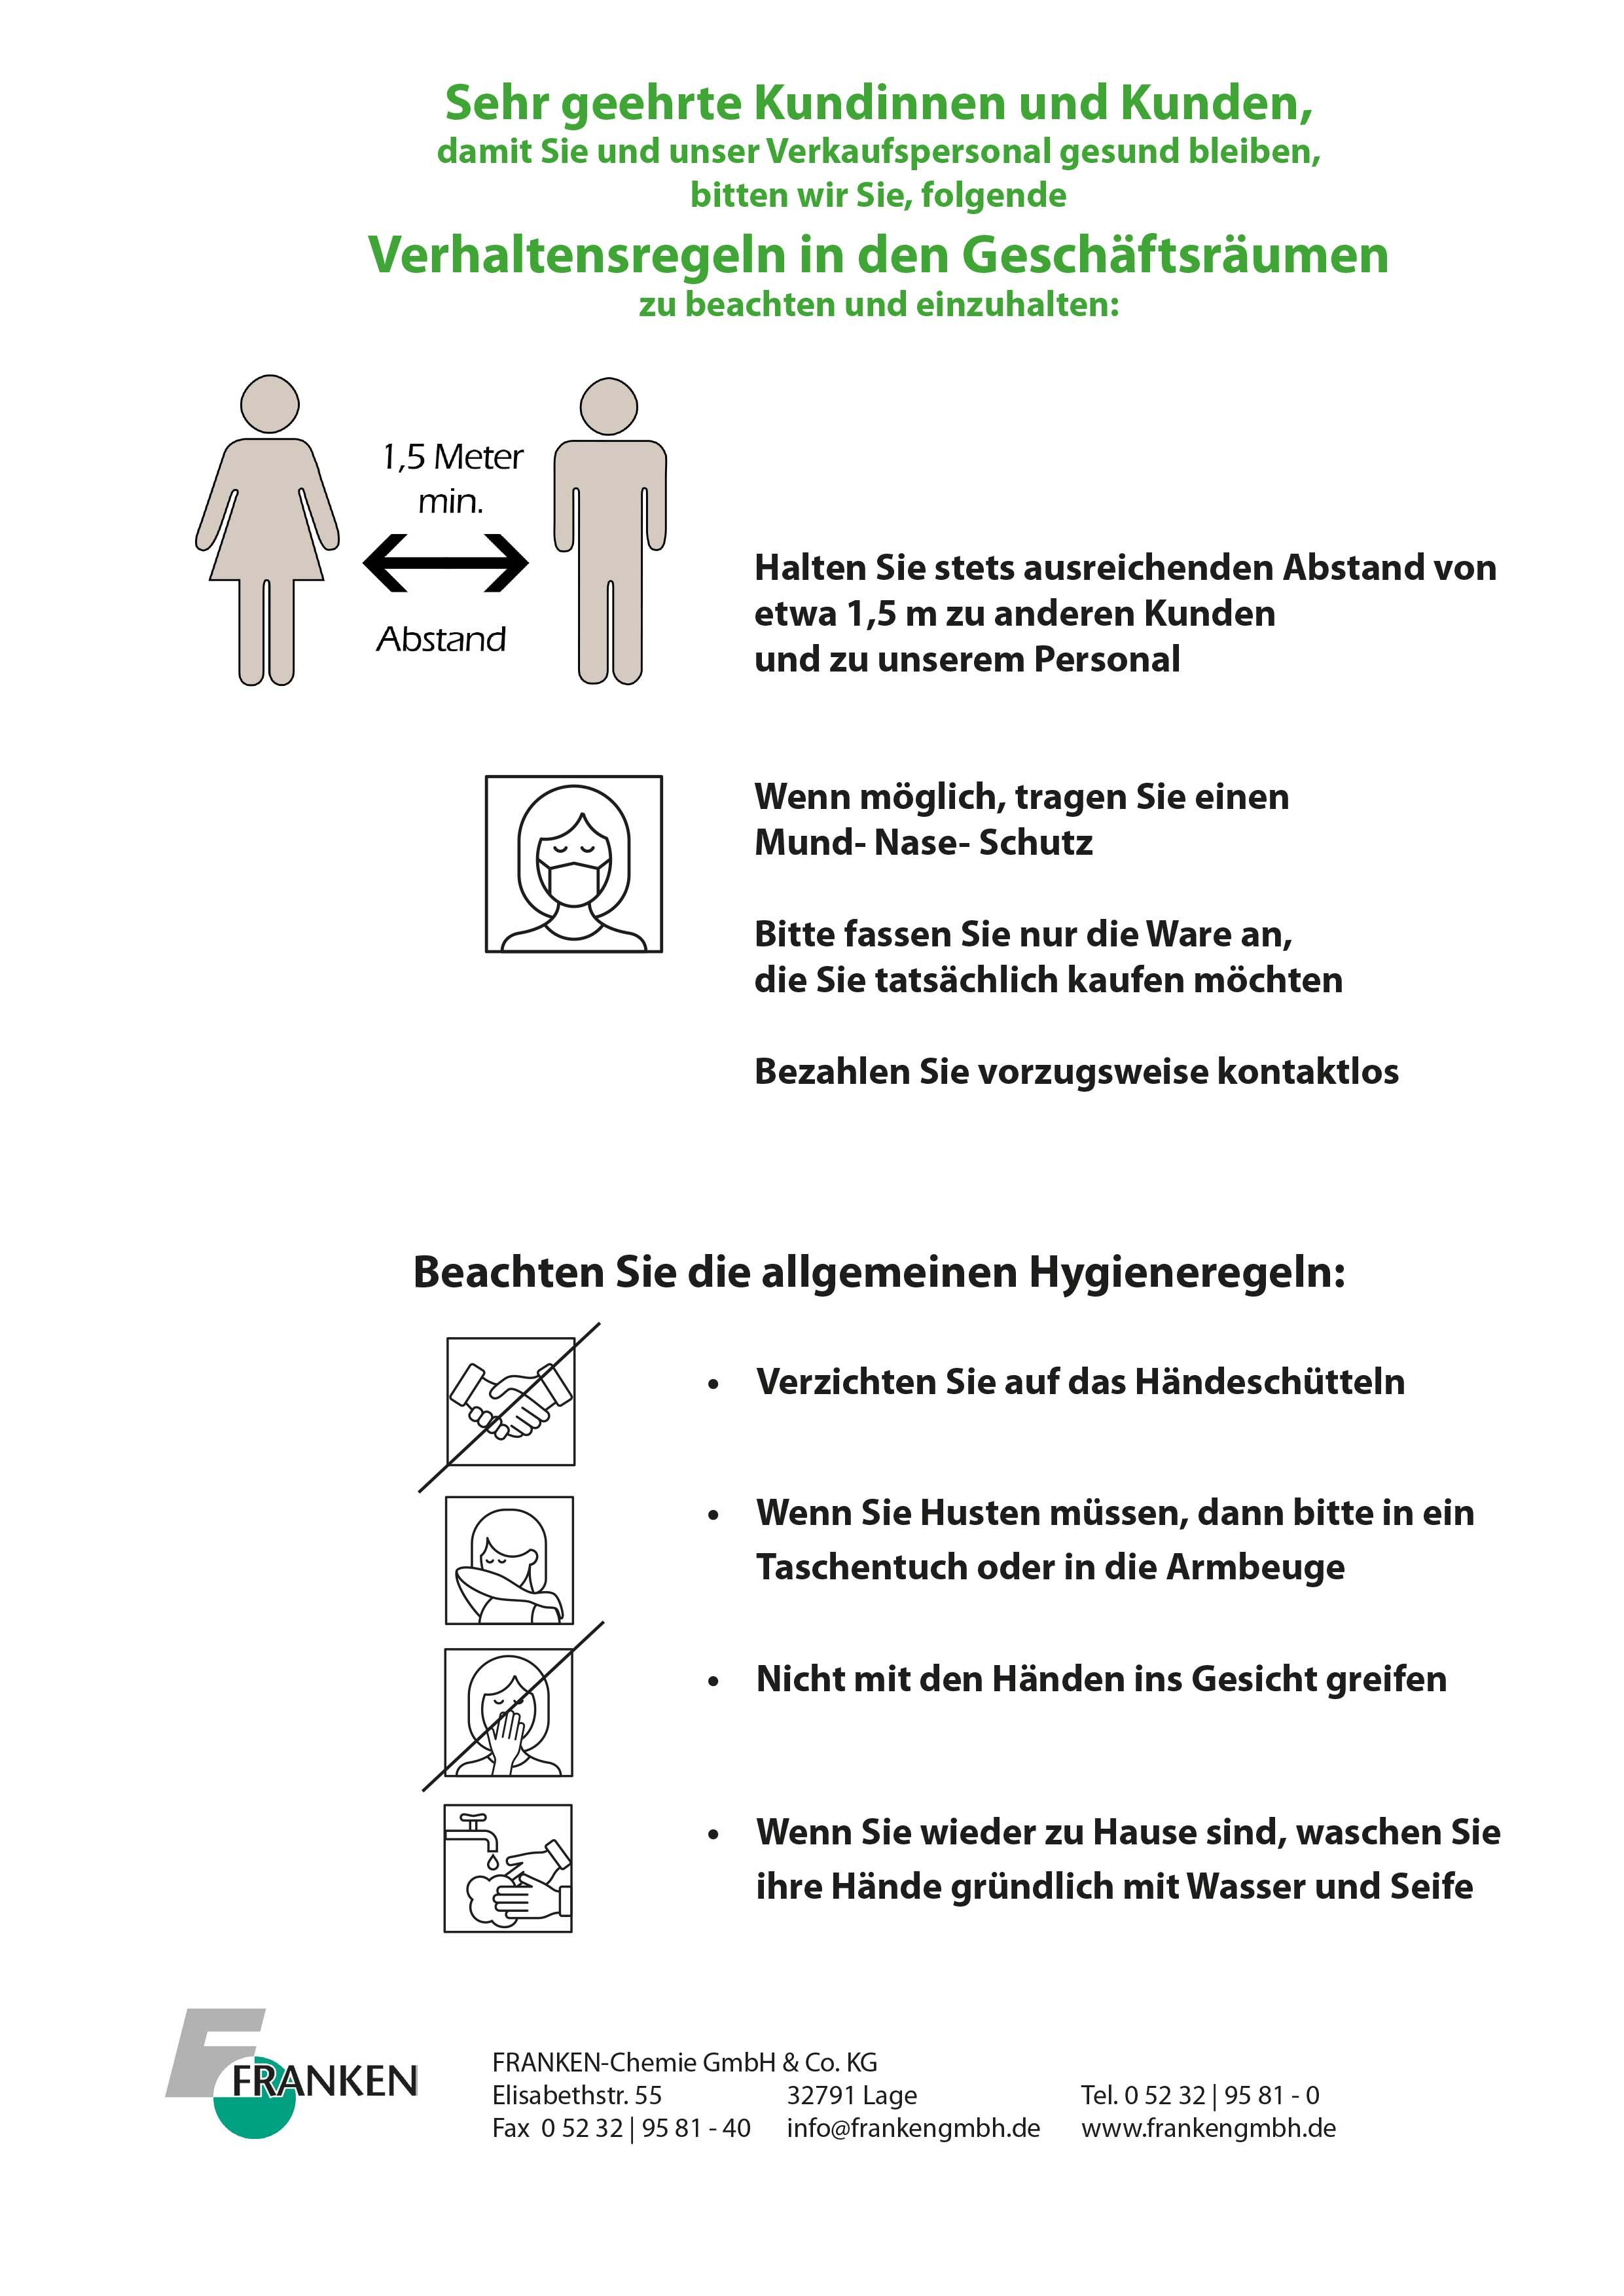 Verhaltensregeln Handel und Handwerk